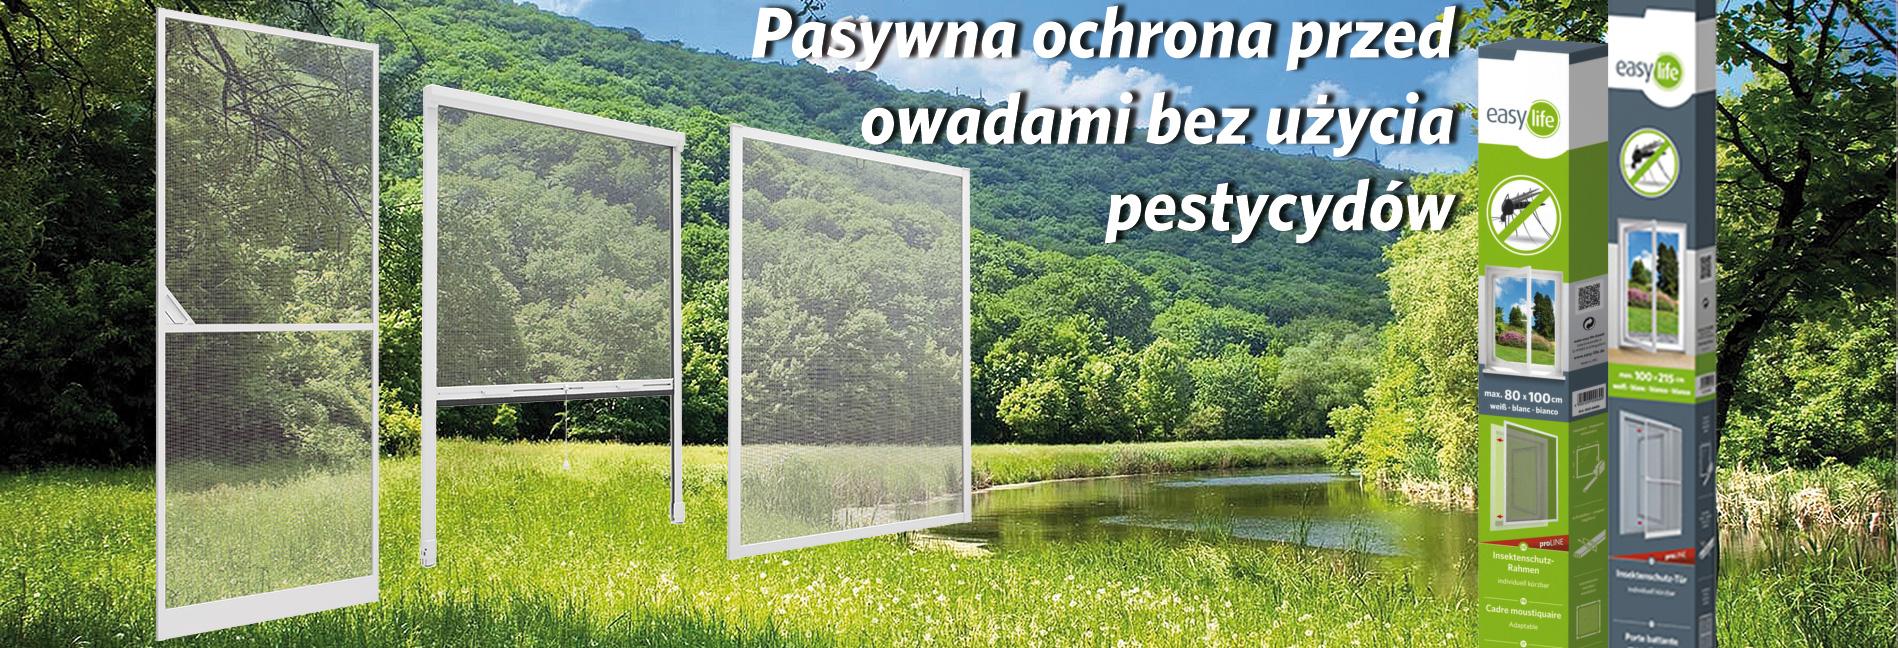 insektenschutz3_pl